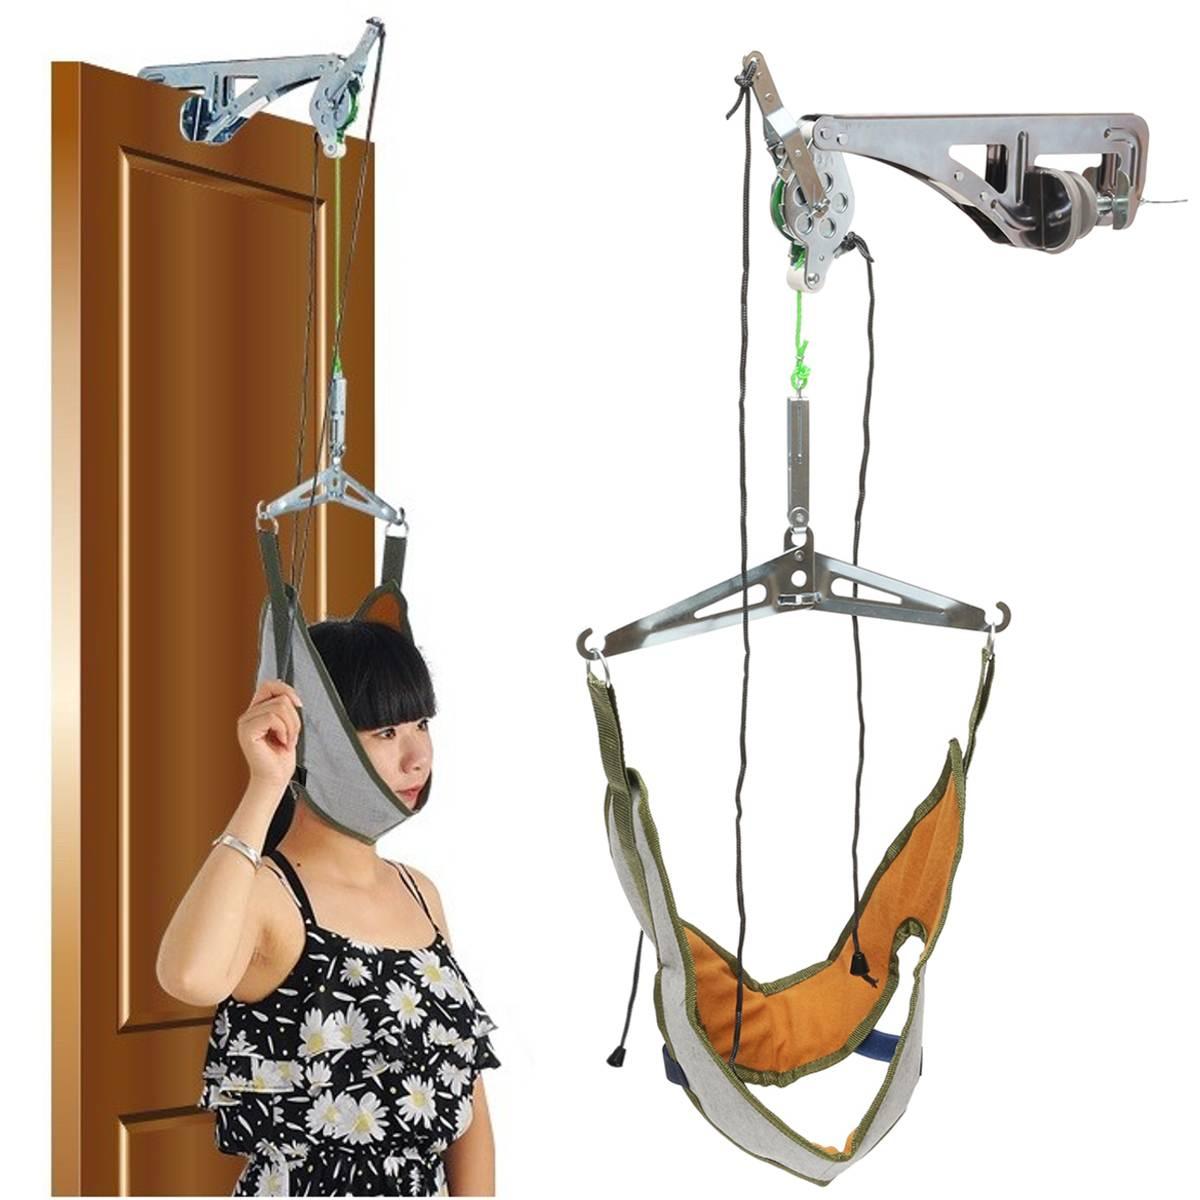 Servikal traksiyon kapı boyun masajı cihazı kiti sedye ayarı kayropraktik sırt kafa masajı gevşeme